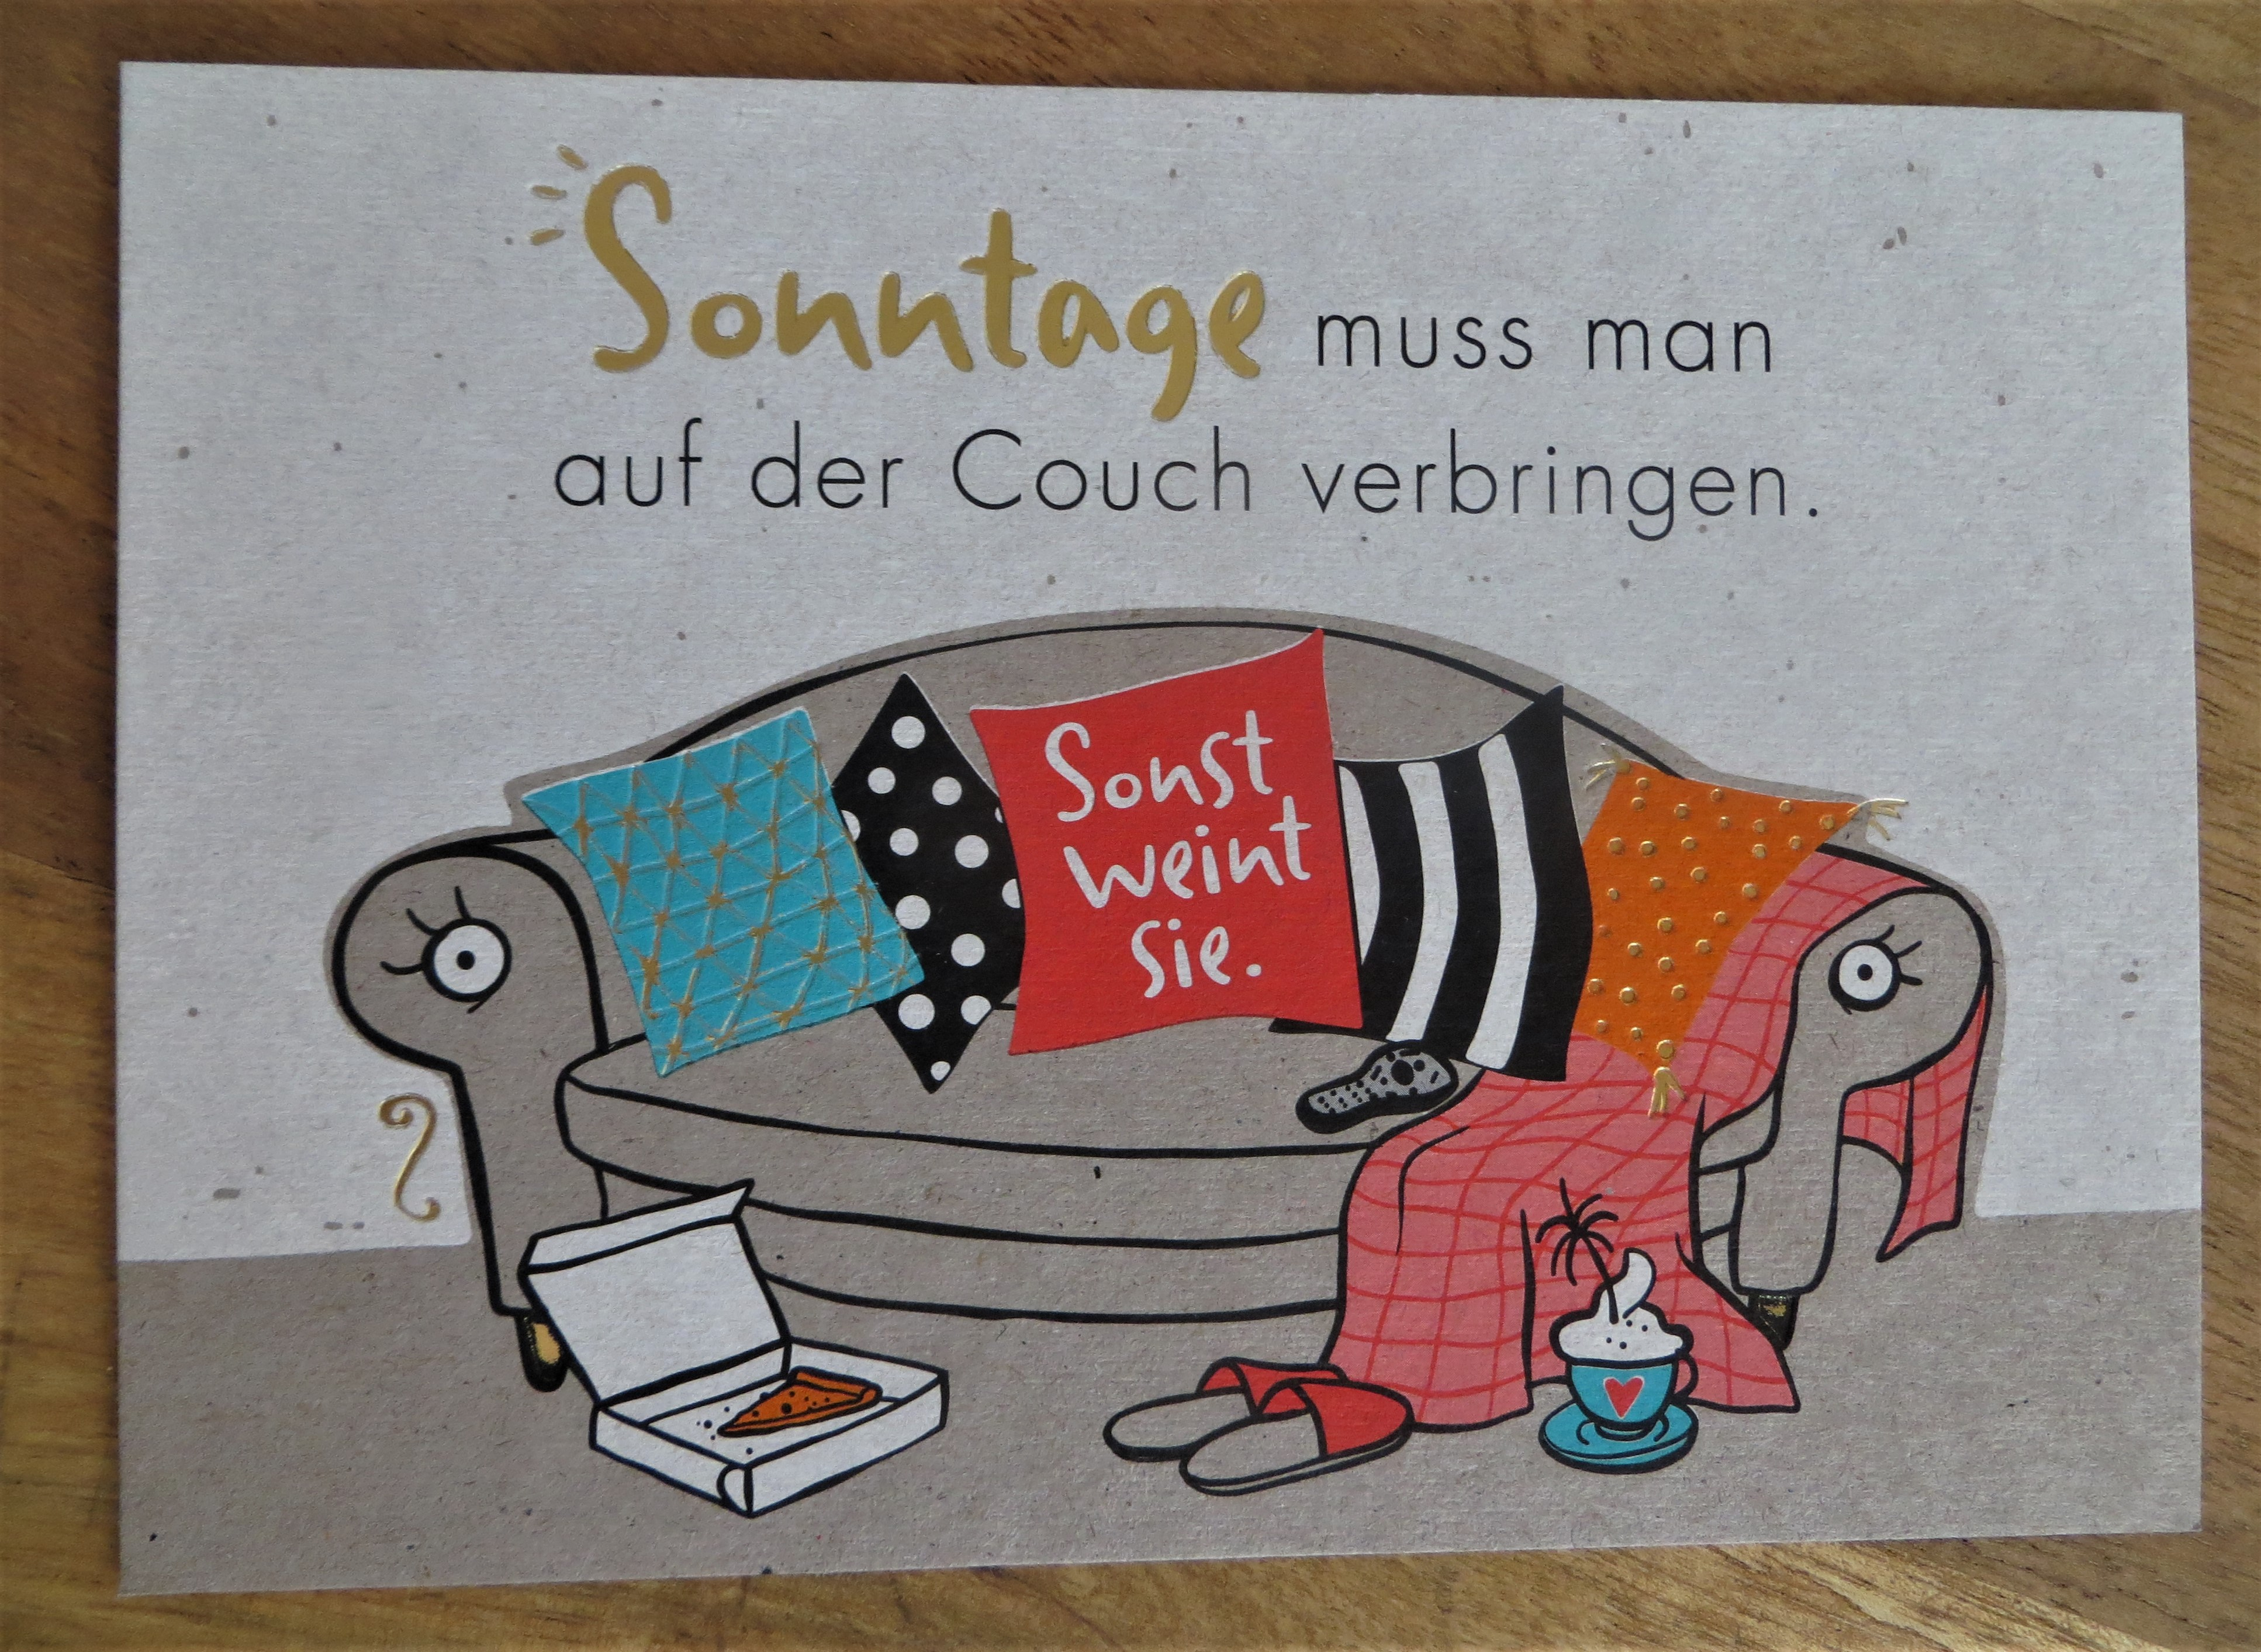 Nützlichgrusskarten - Postkarte Sonntage muss man auf der Couch verbringen. Sonst... KUNST und BILD - Onlineshop Tante Emmer